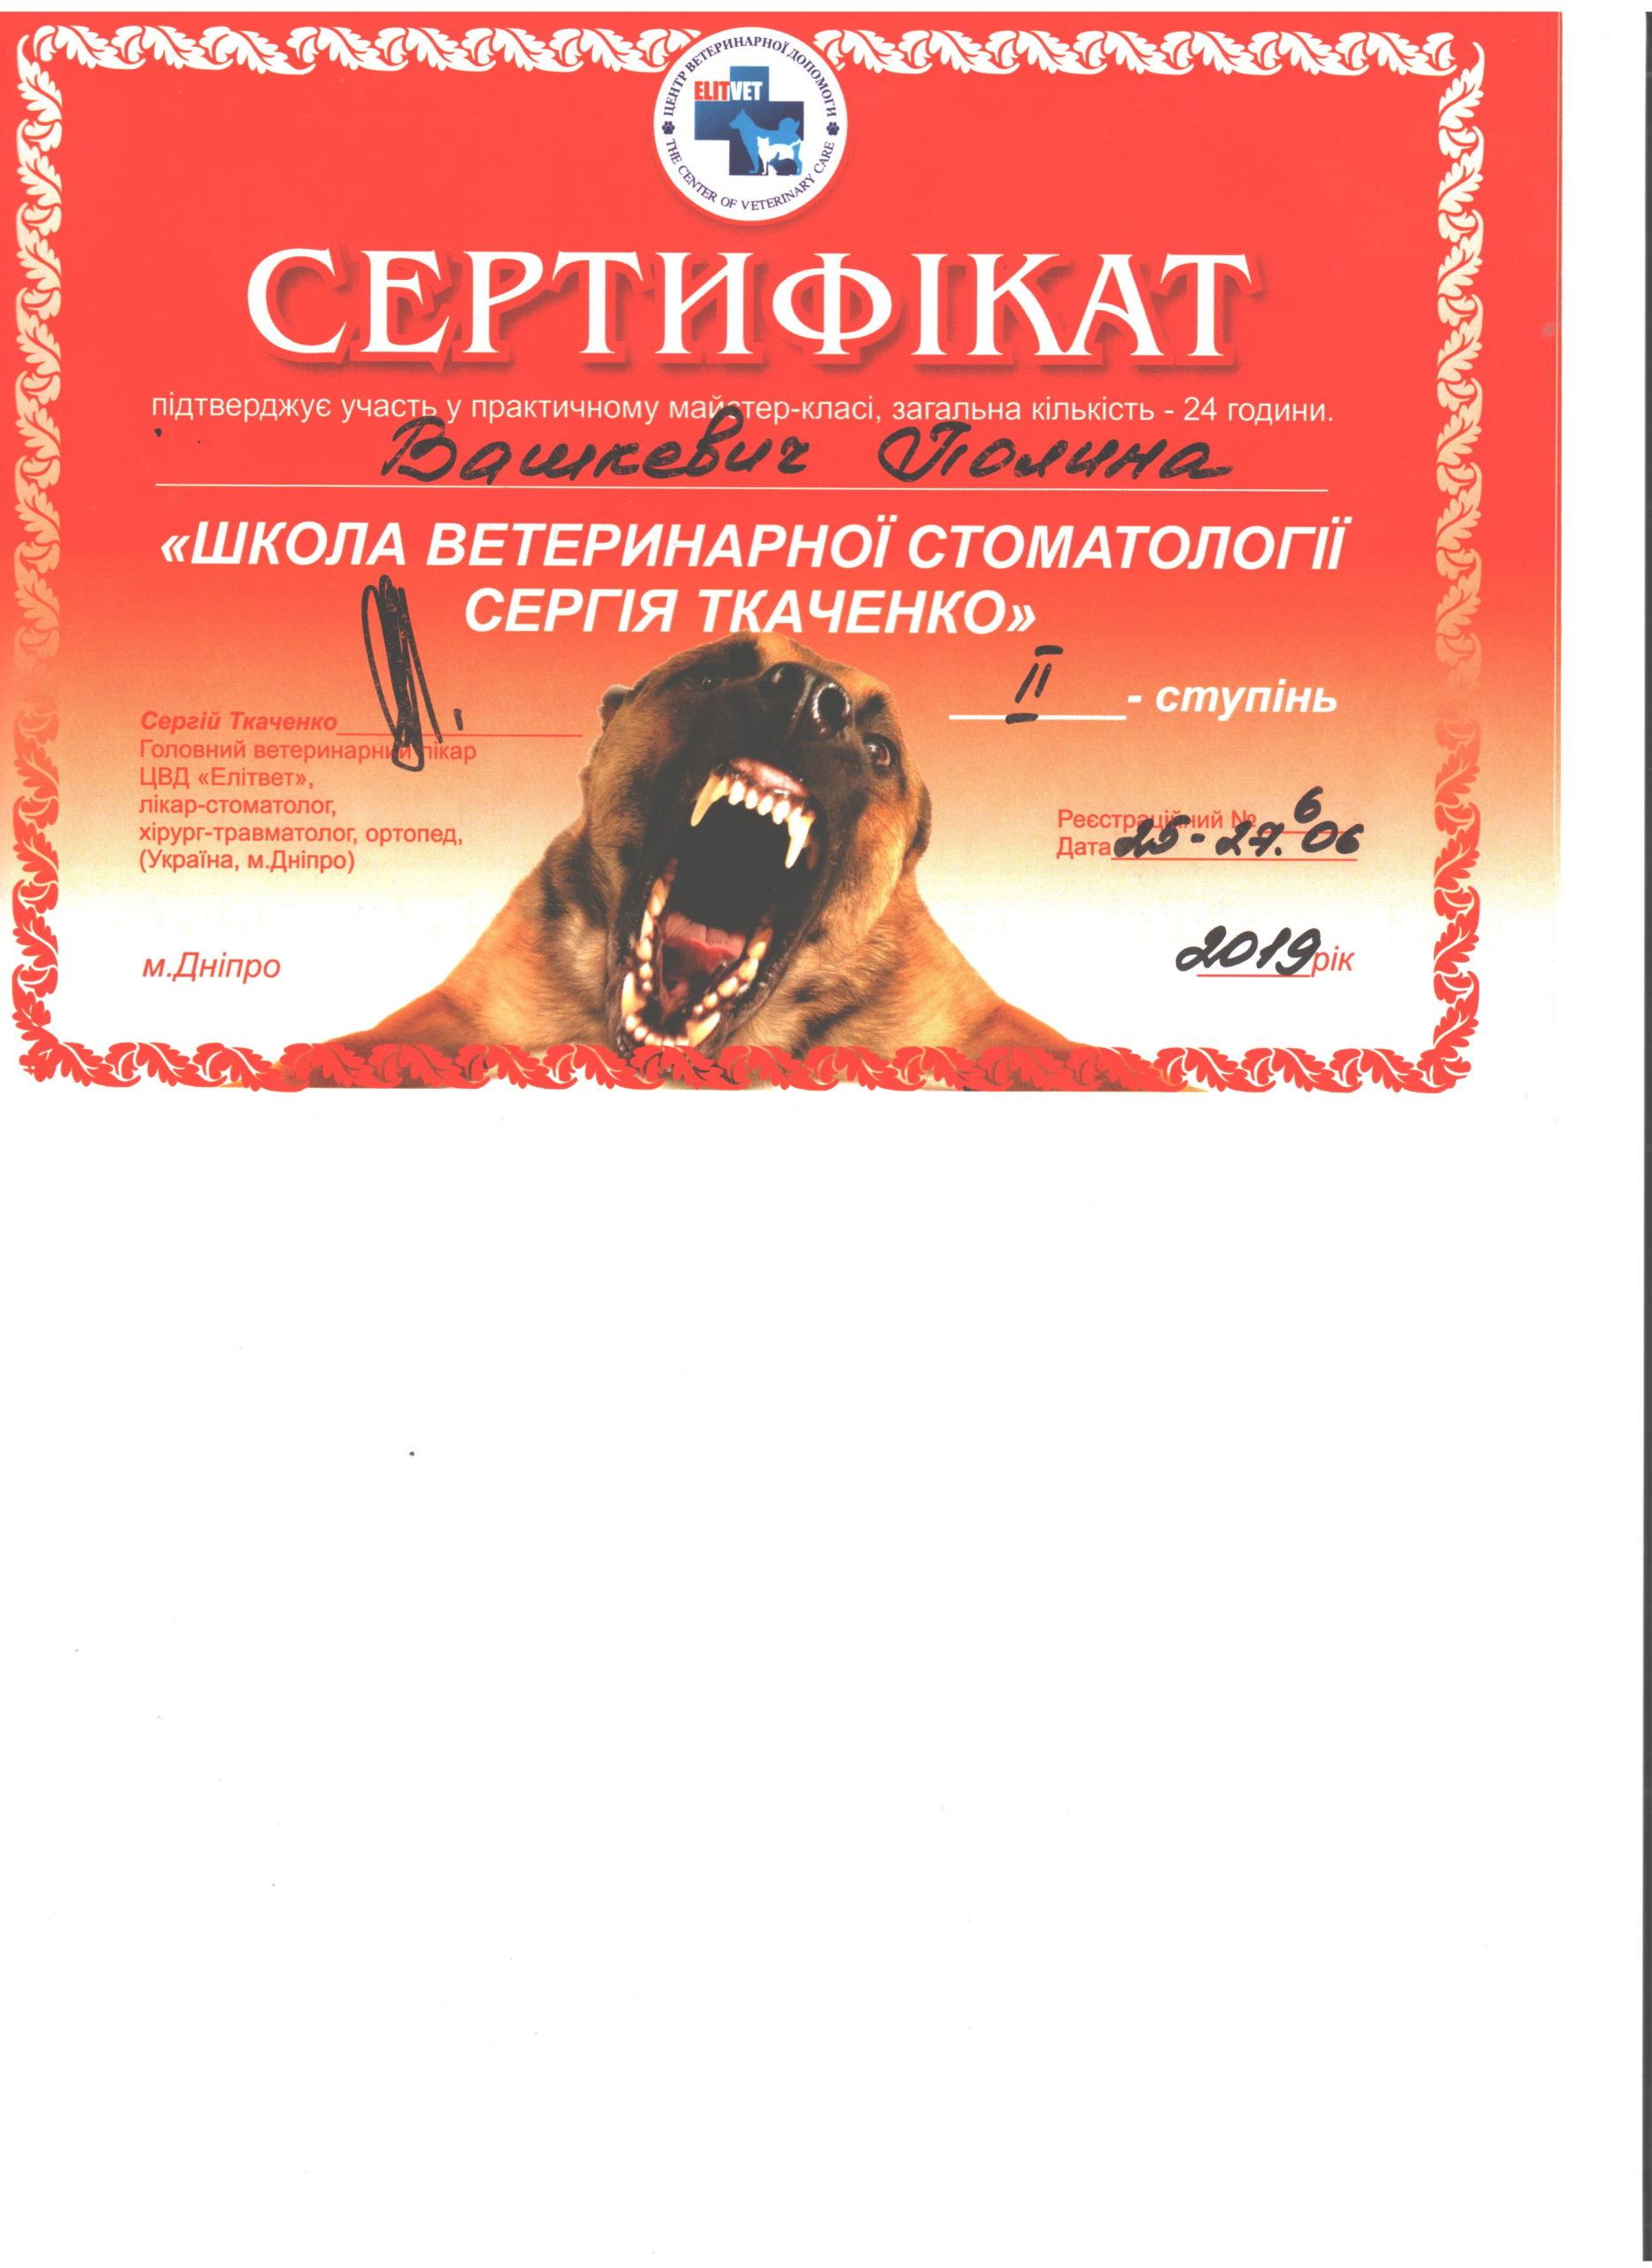 Vashkevich-3